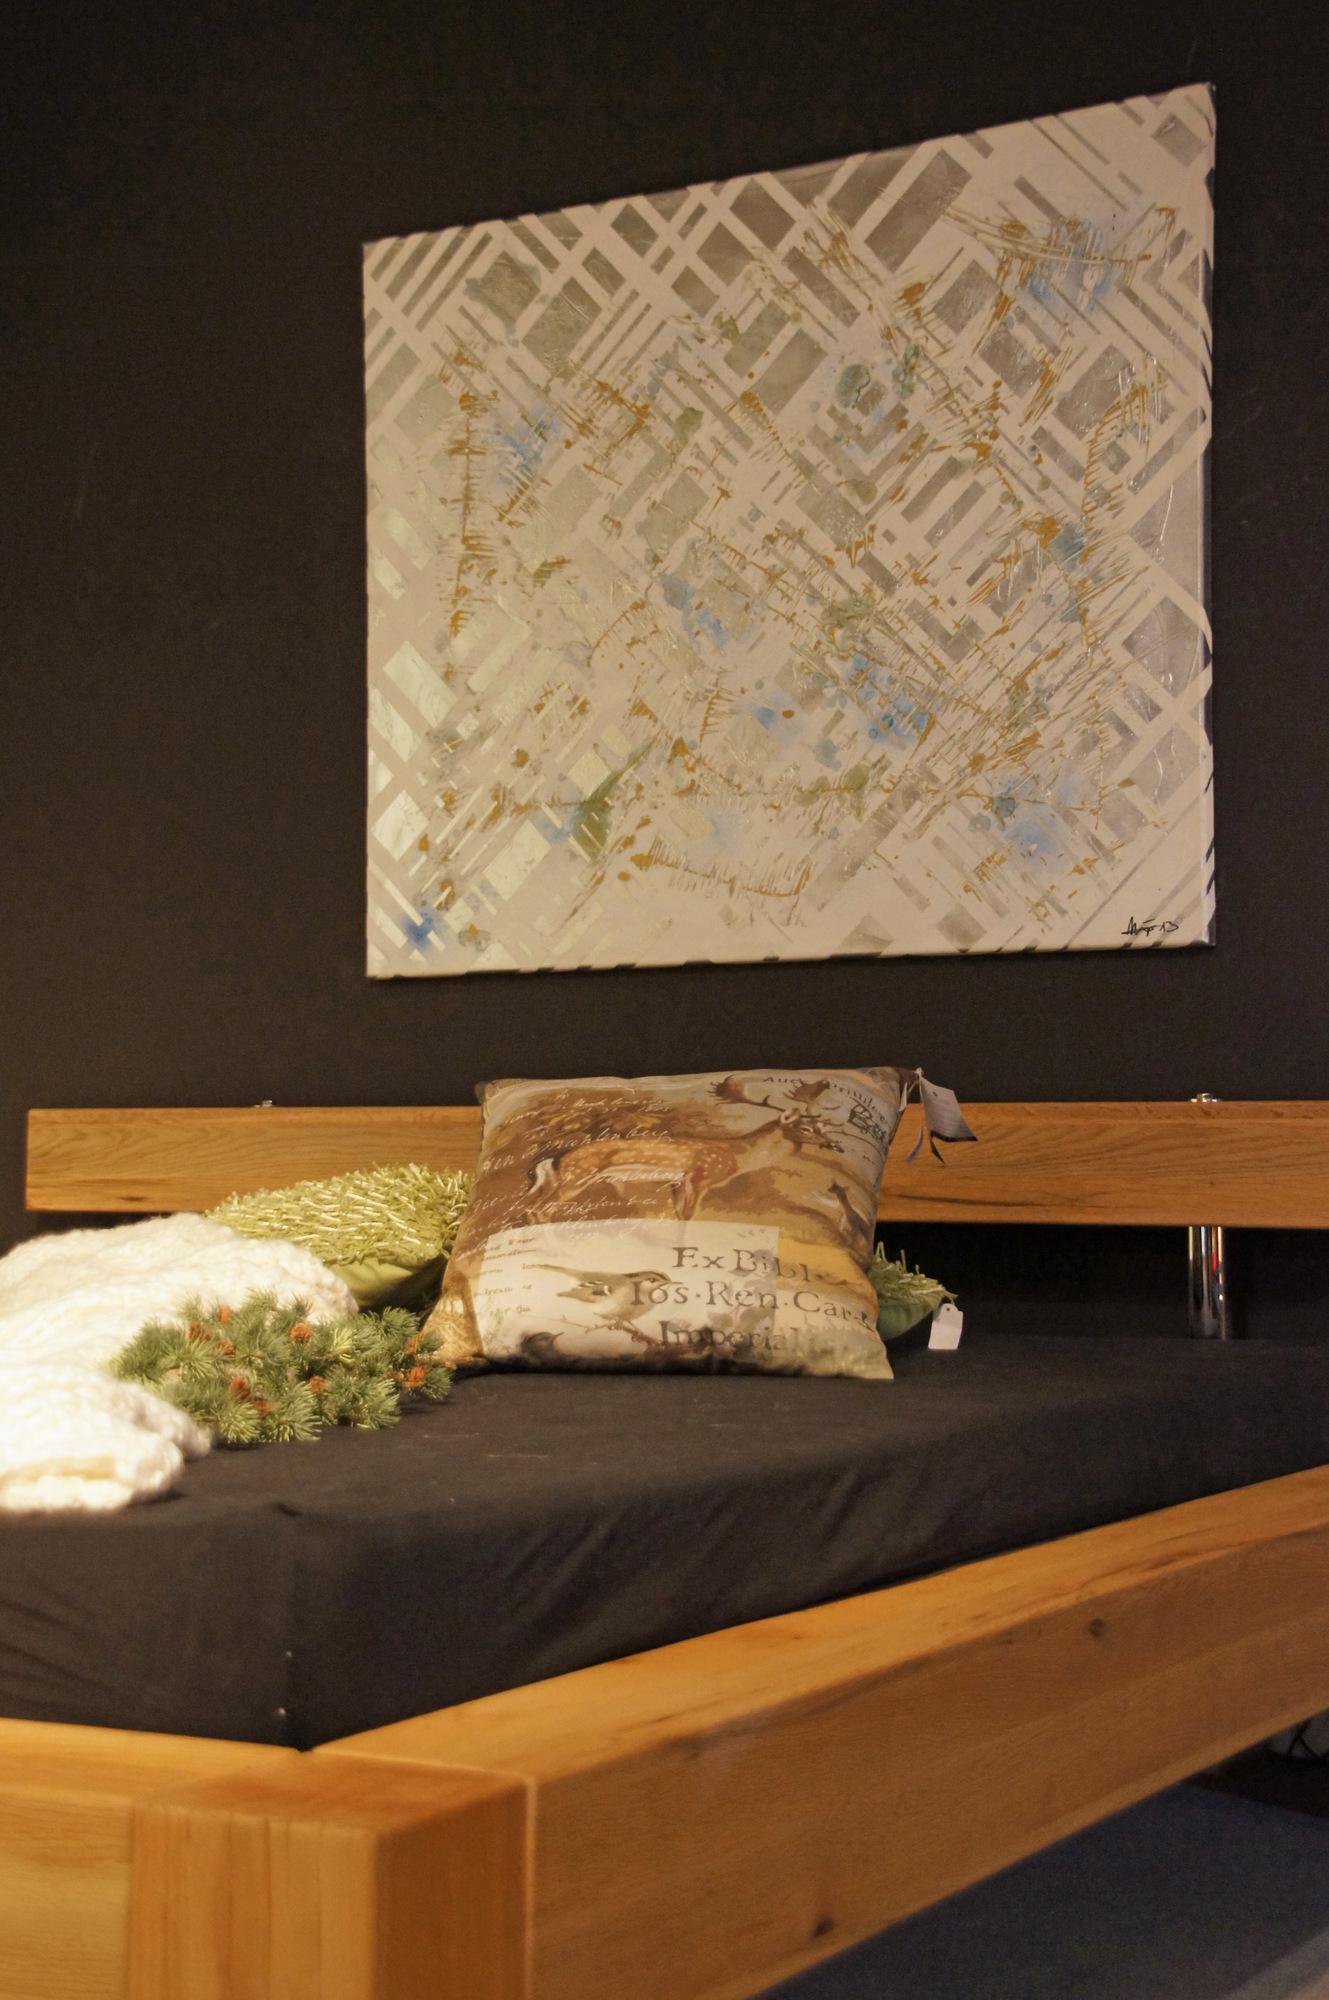 1537040285-wohnzimmer-original-acrylbild-silver-chameleon-100-x-120-cm.jpg